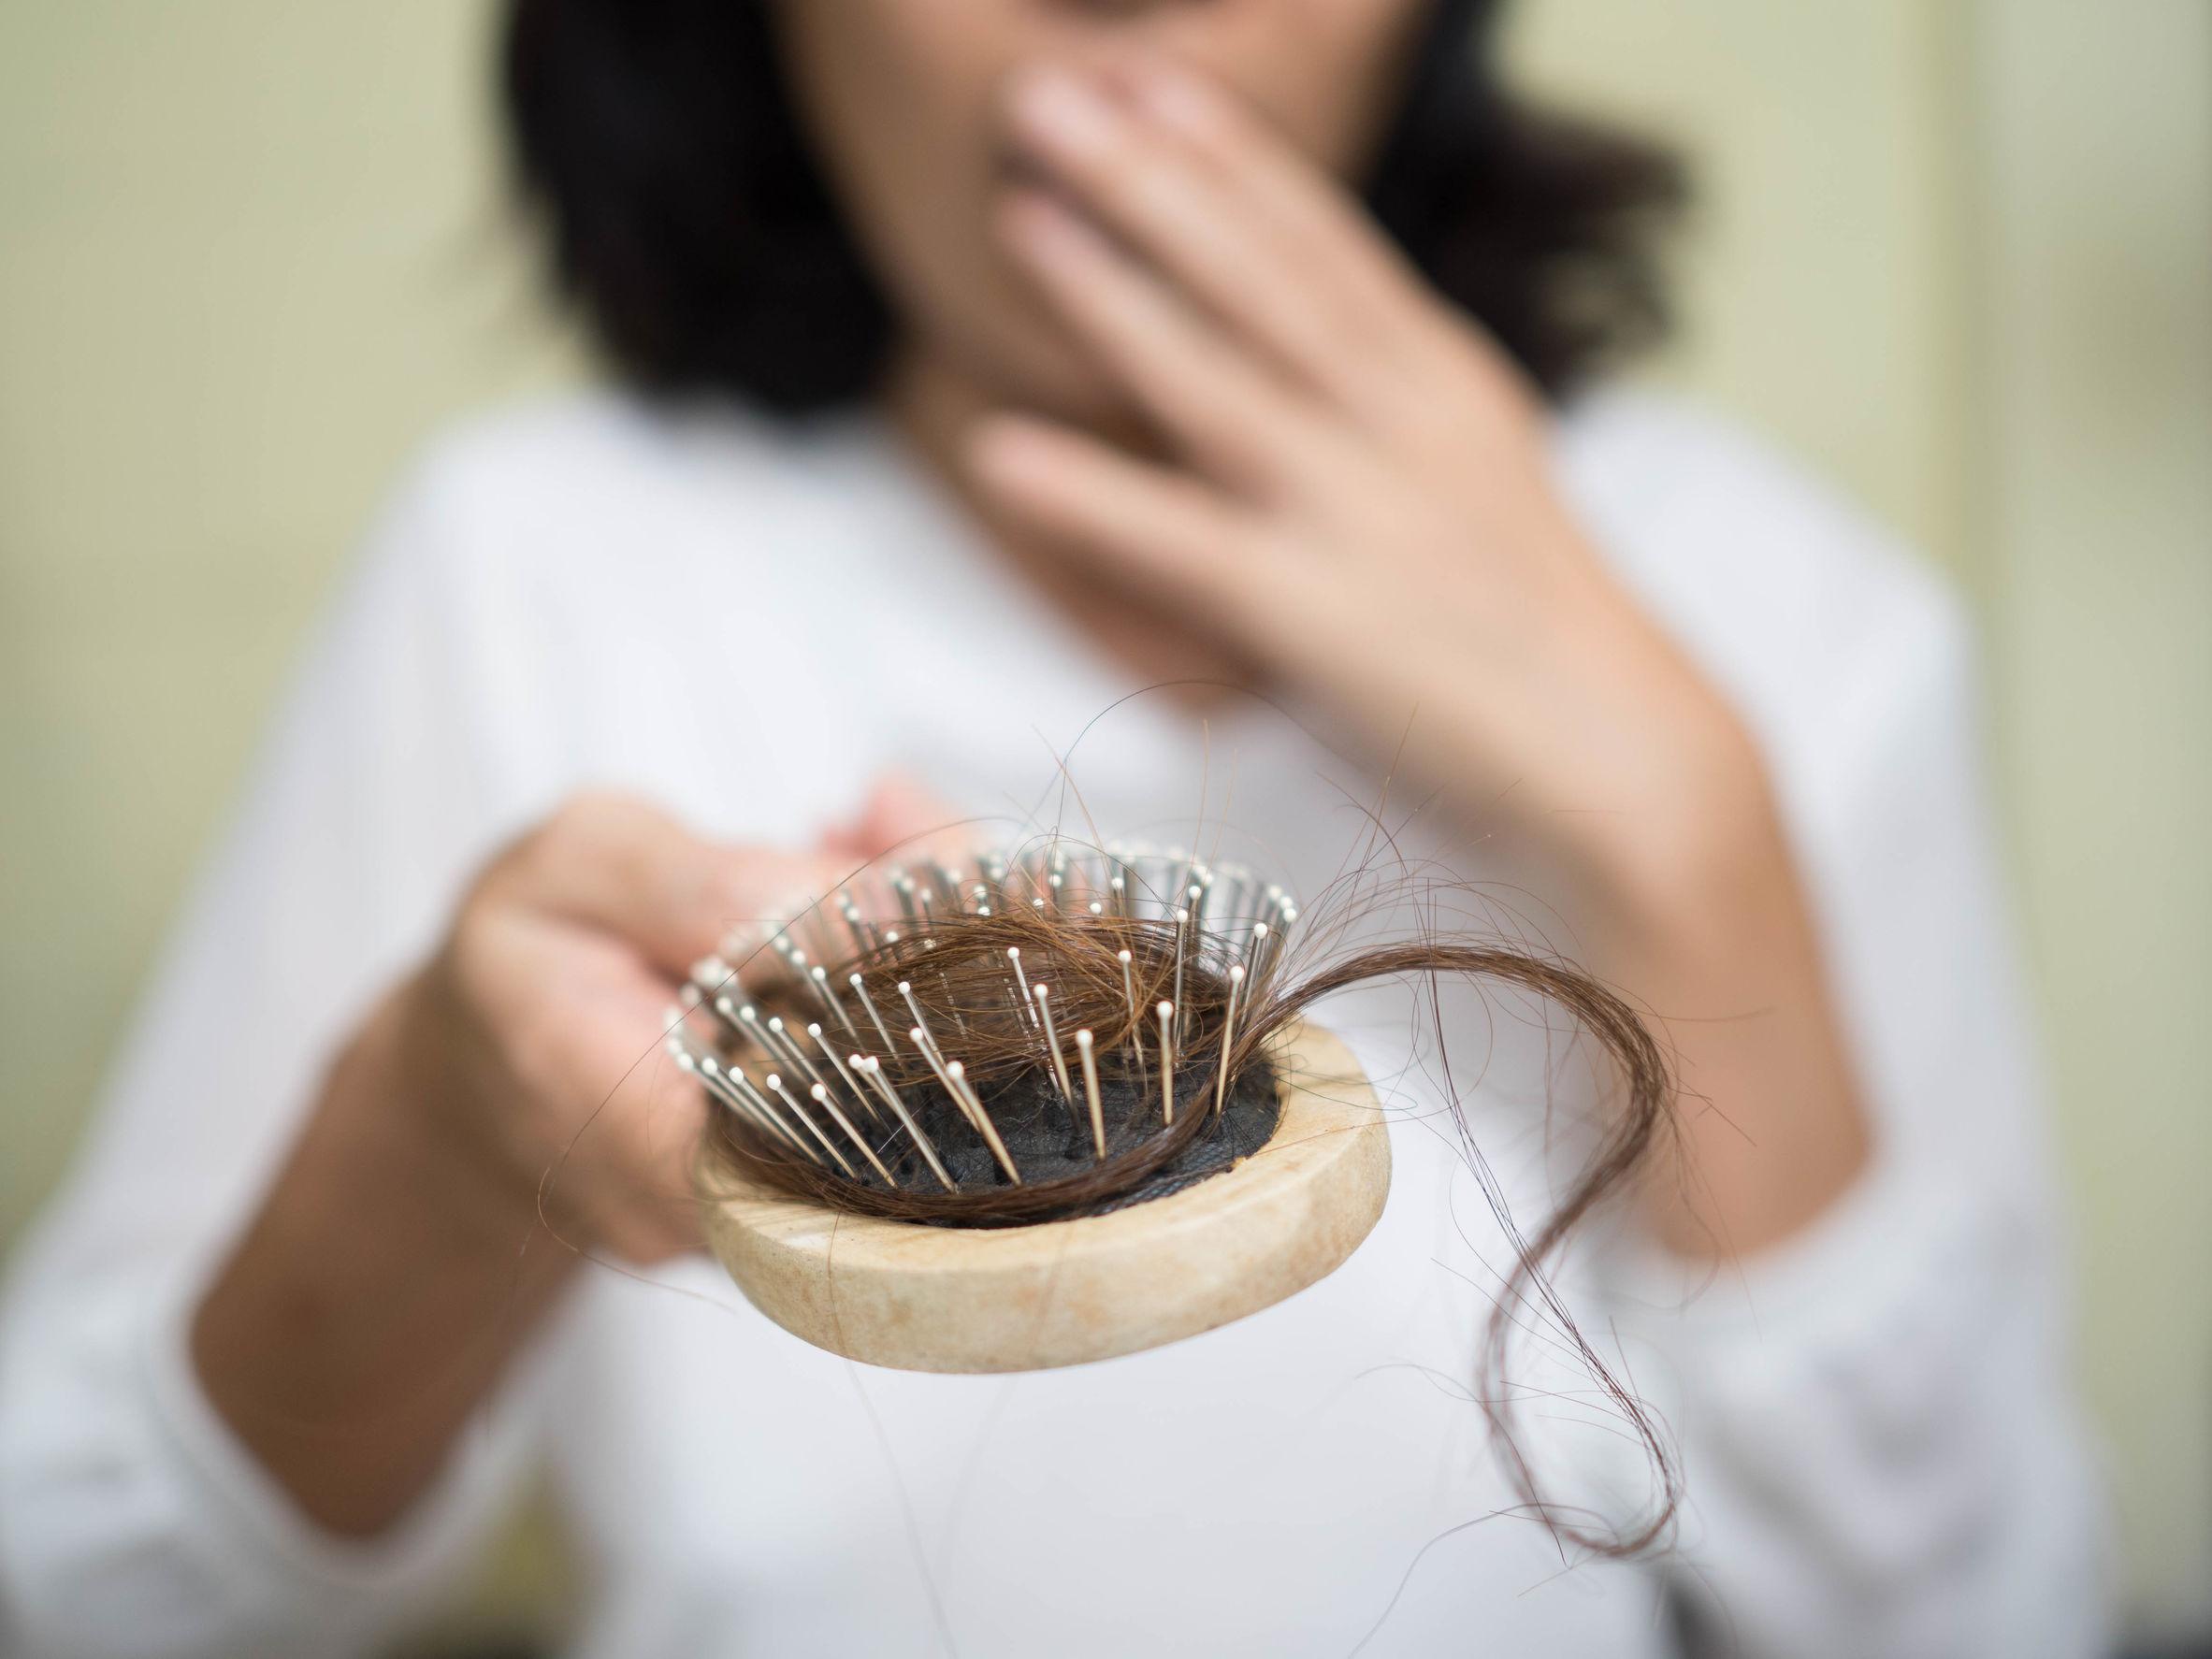 Entenda por que há perda de cabelo após a cirurgia bariátrica